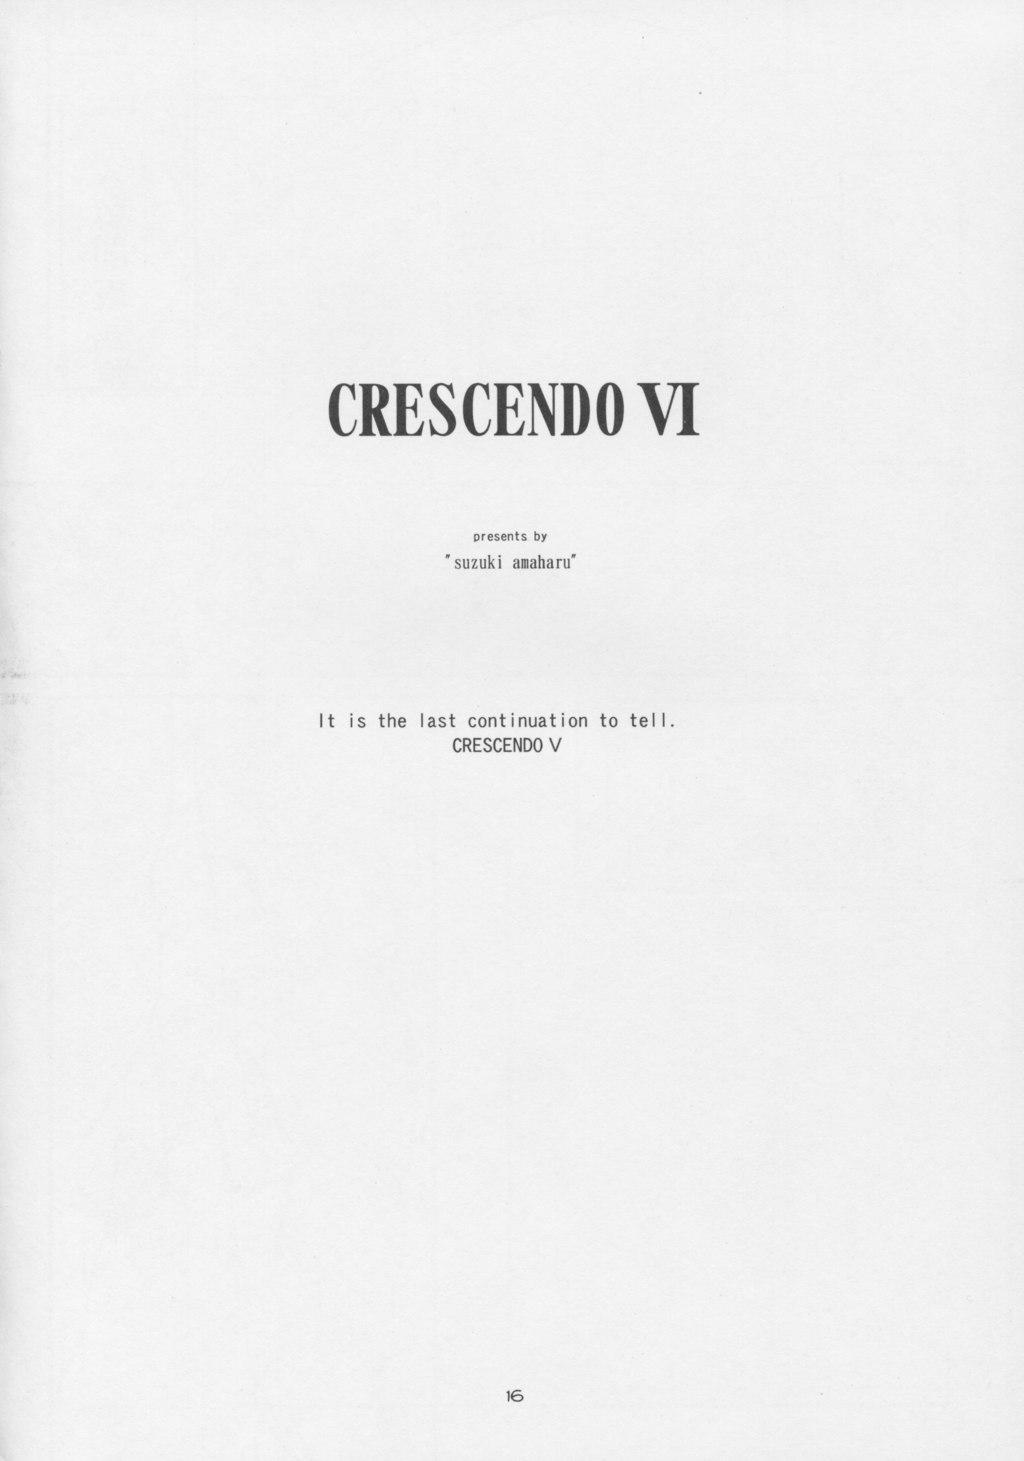 CRESCENDO VI 14